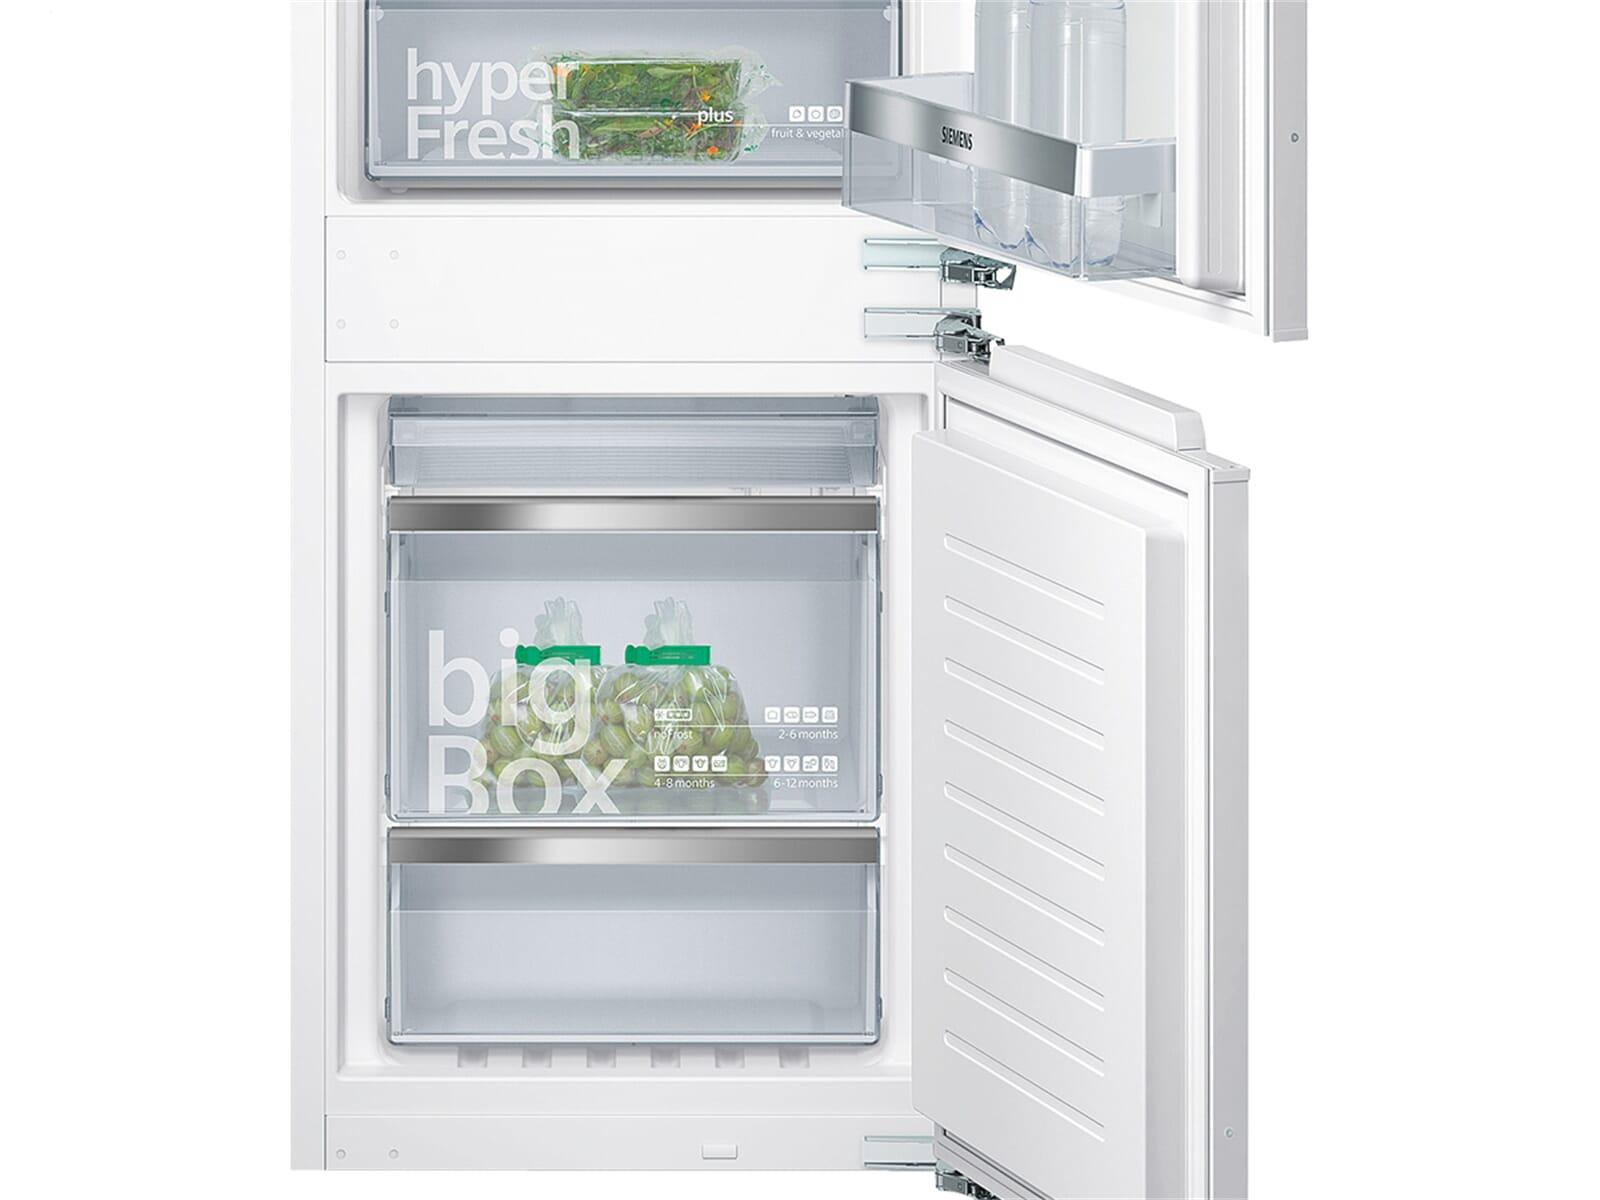 Siemens kühlschrank filter anzeige zurücksetzen reset samsung by